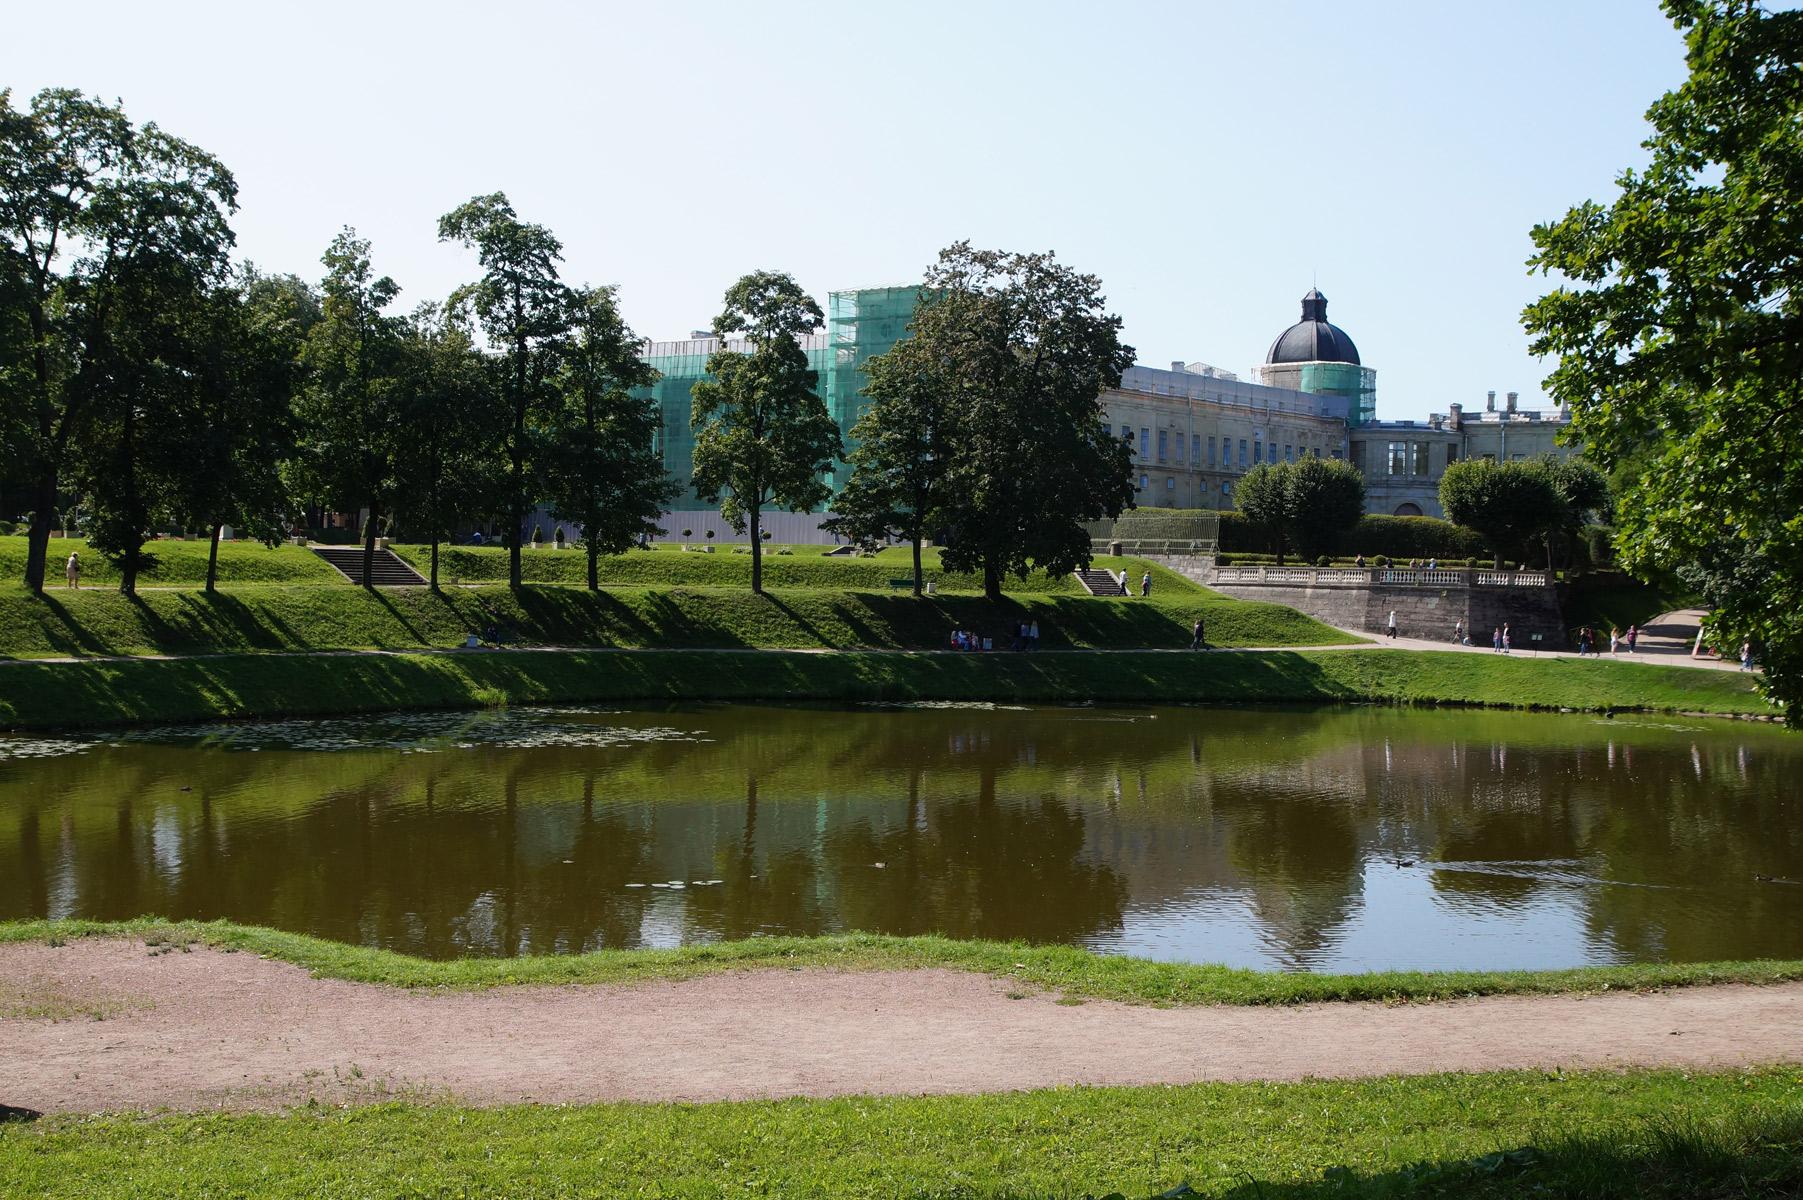 Гатчина, Санкт-Петербург, лето 2019